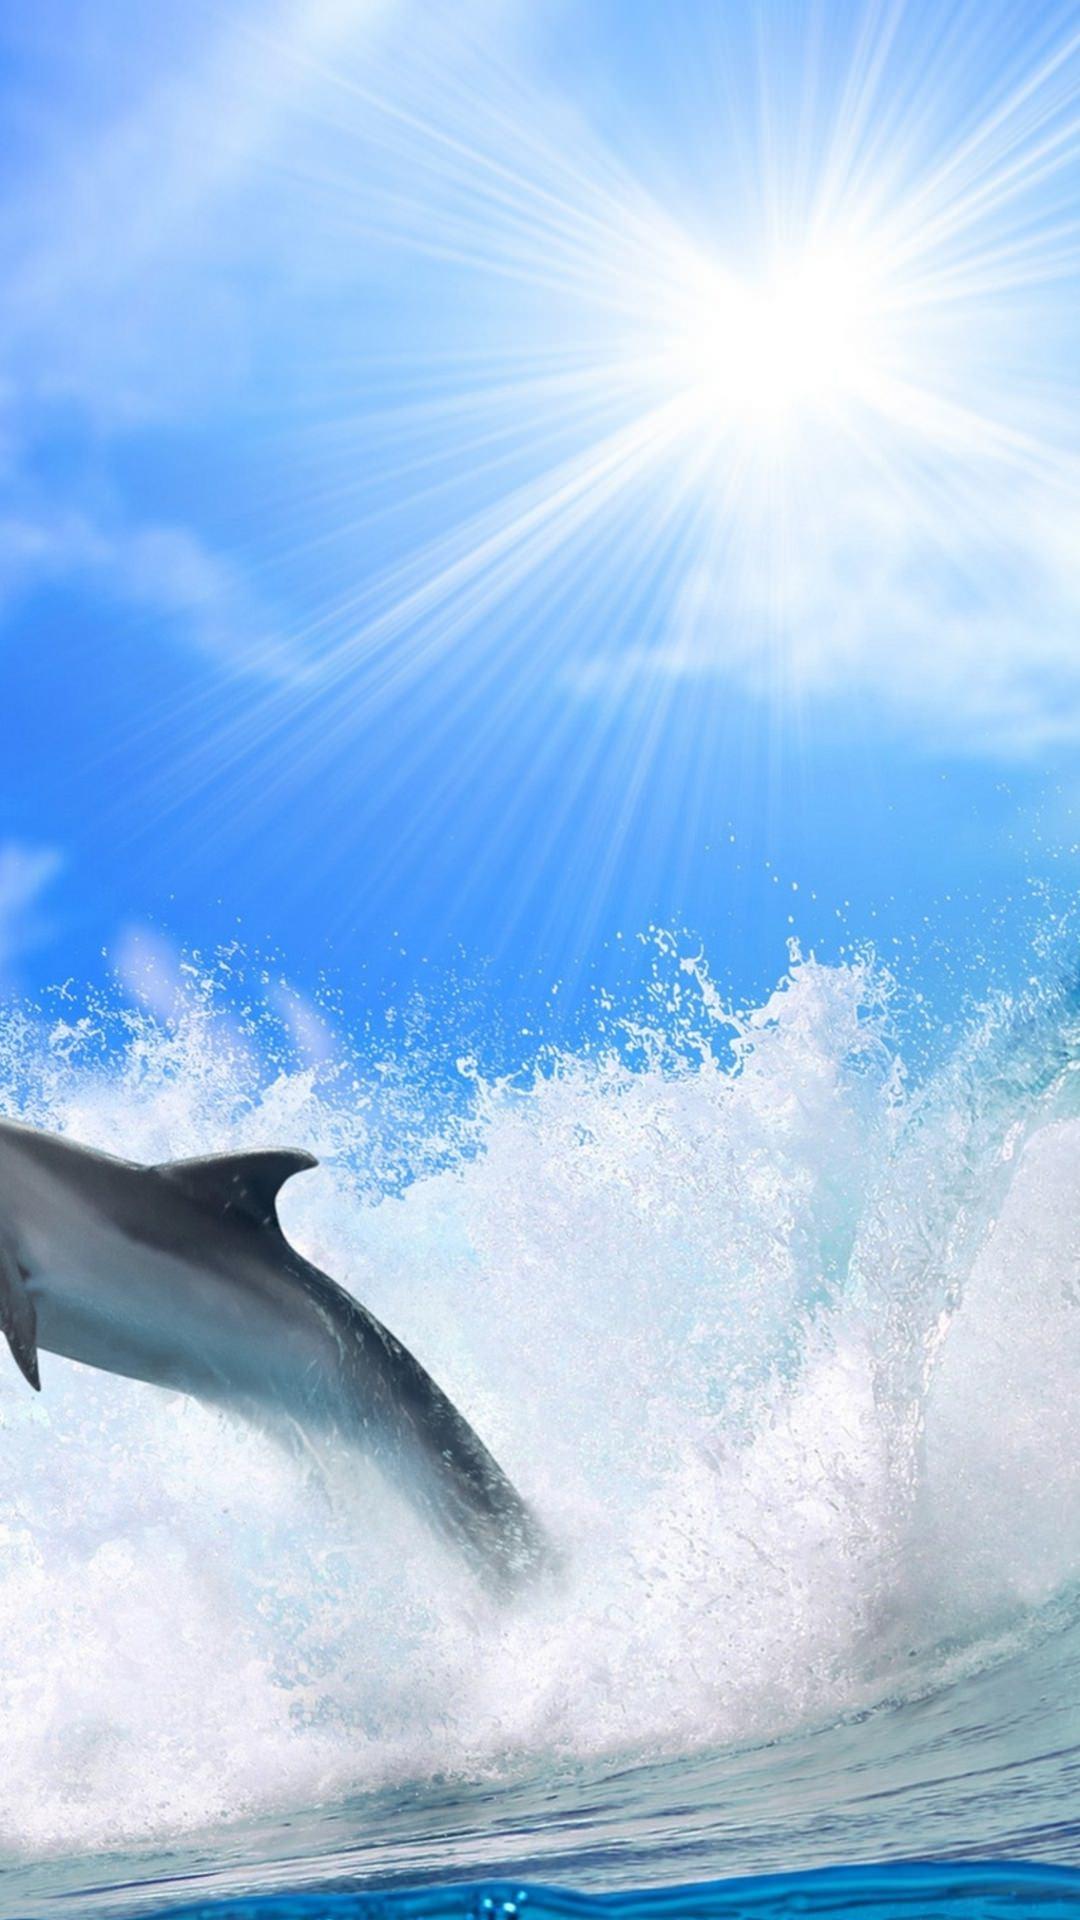 海イルカ太陽 Wallpaper Sc スマホ壁紙